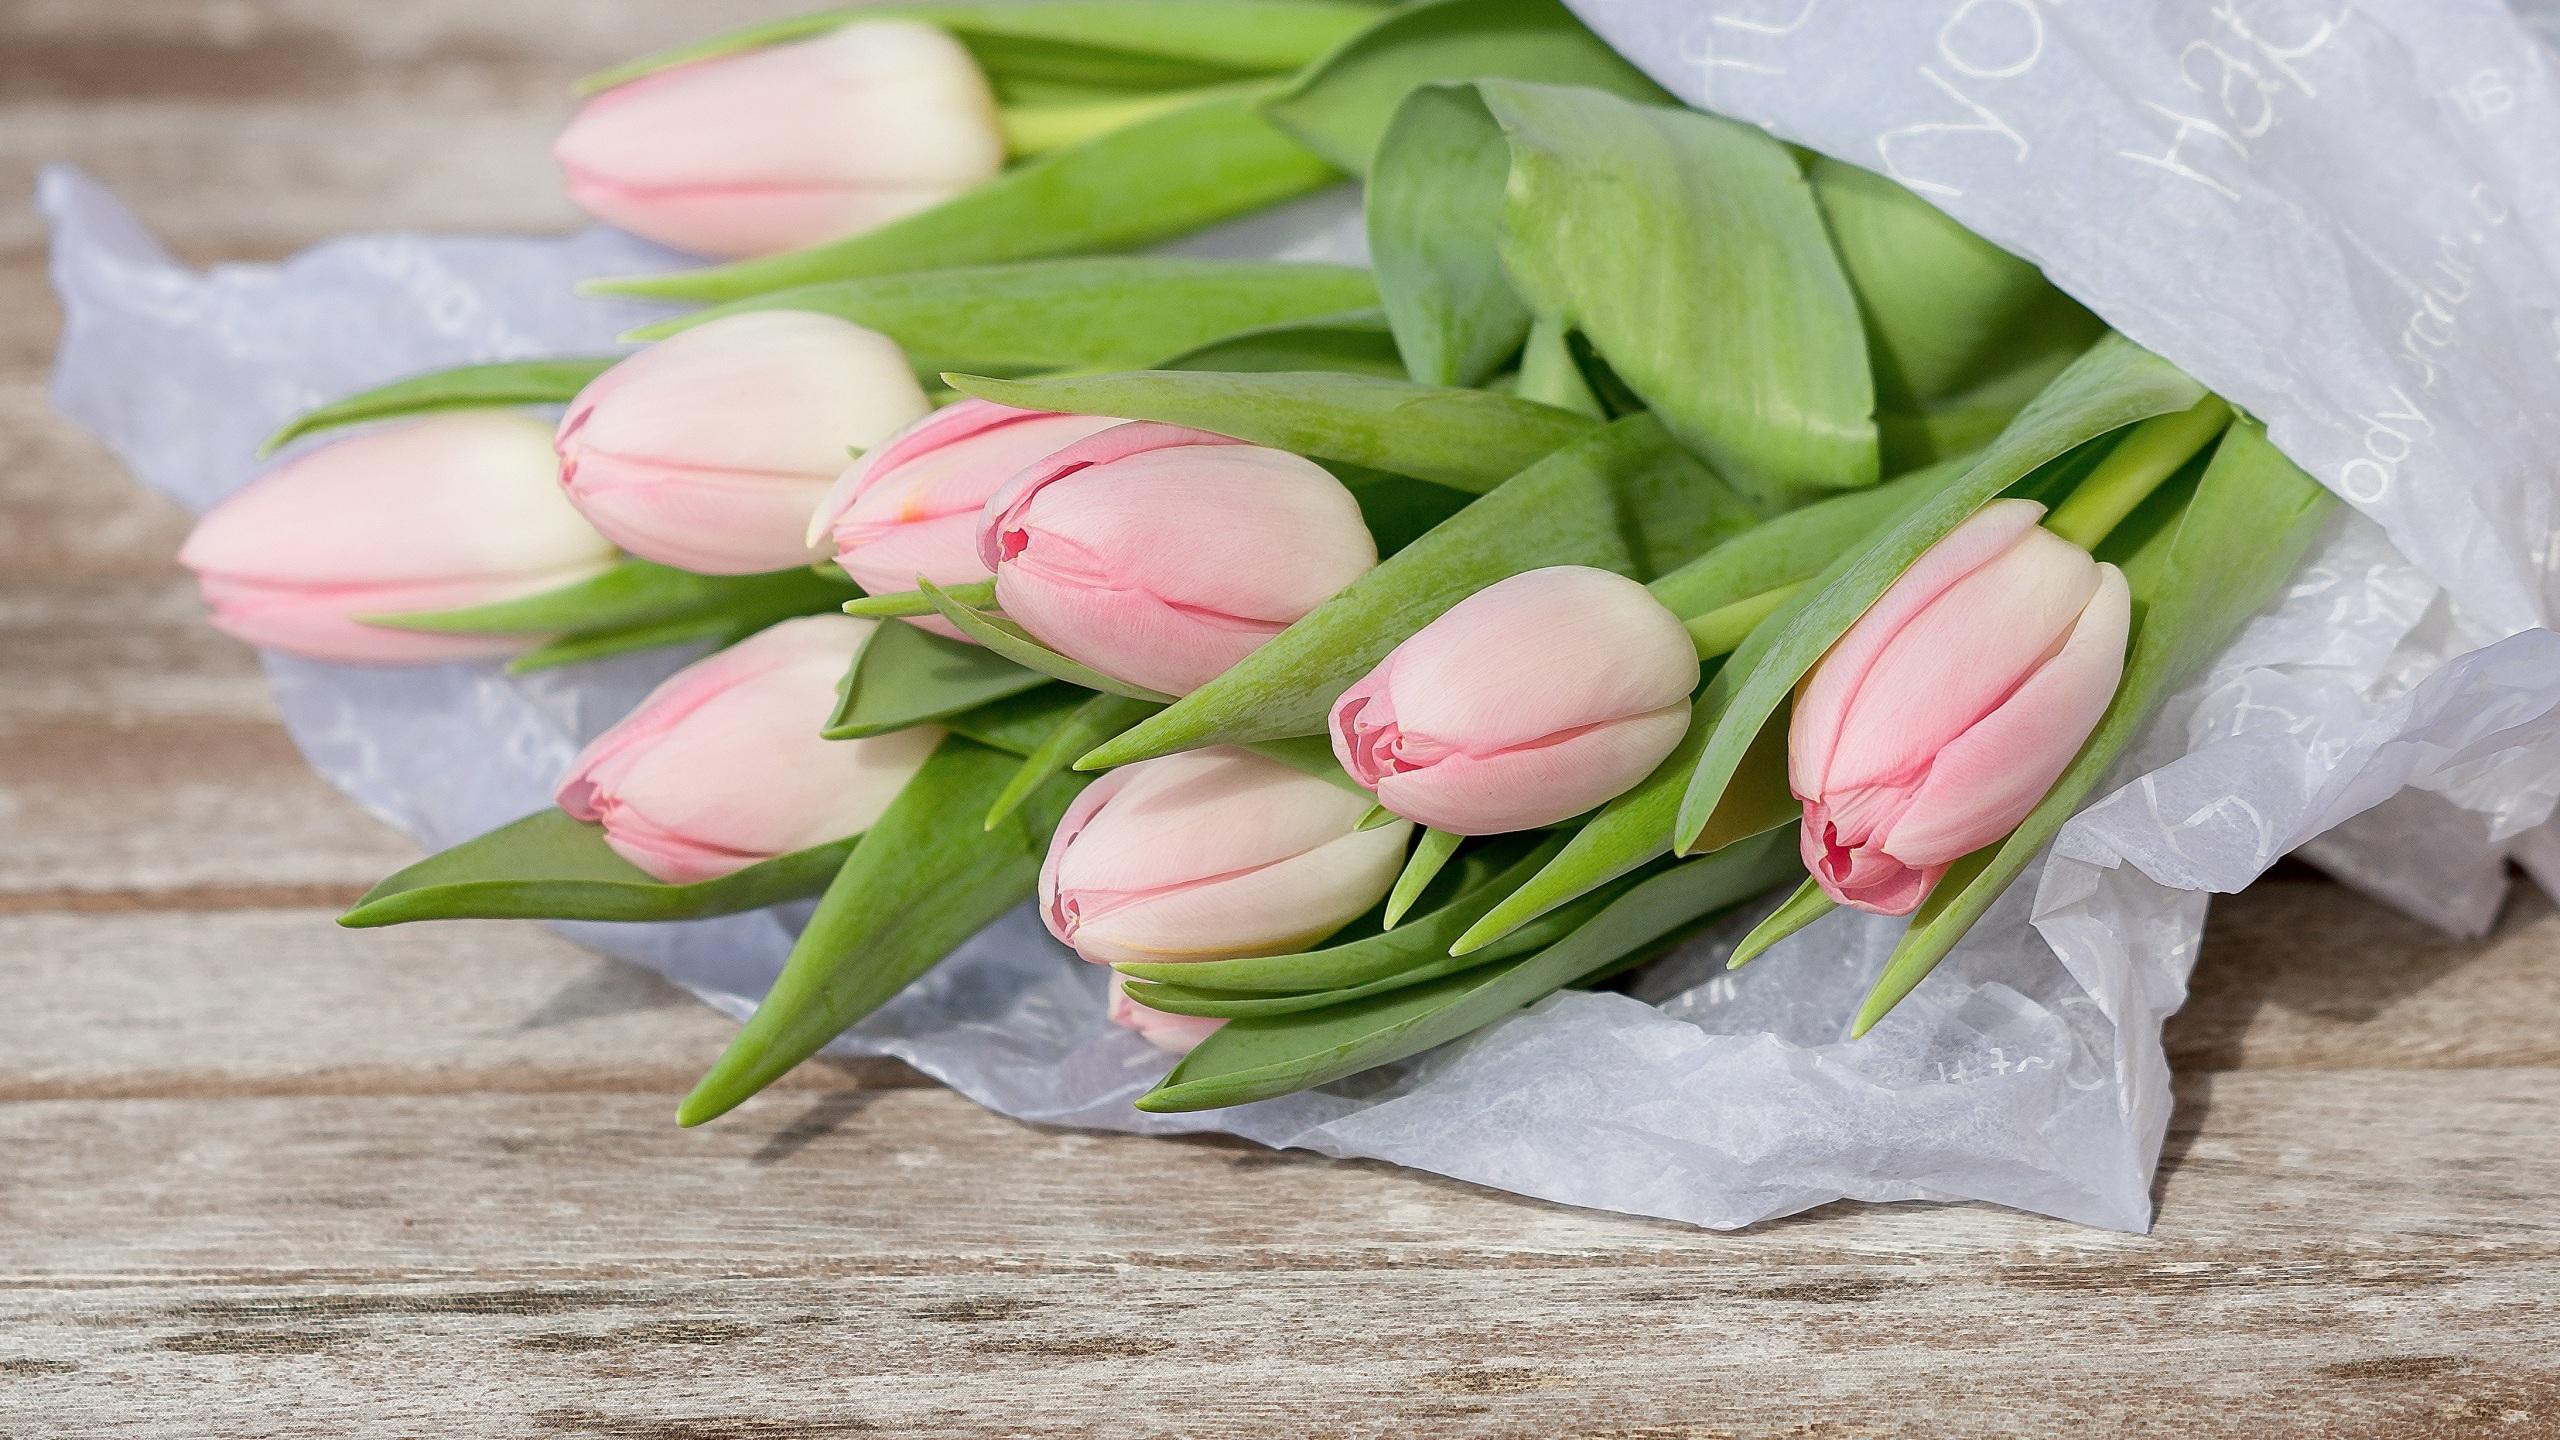 Обои для рабочего стола розовых тюльпан Цветы вблизи 2560x1440 Розовый розовые розовая Тюльпаны цветок Крупным планом